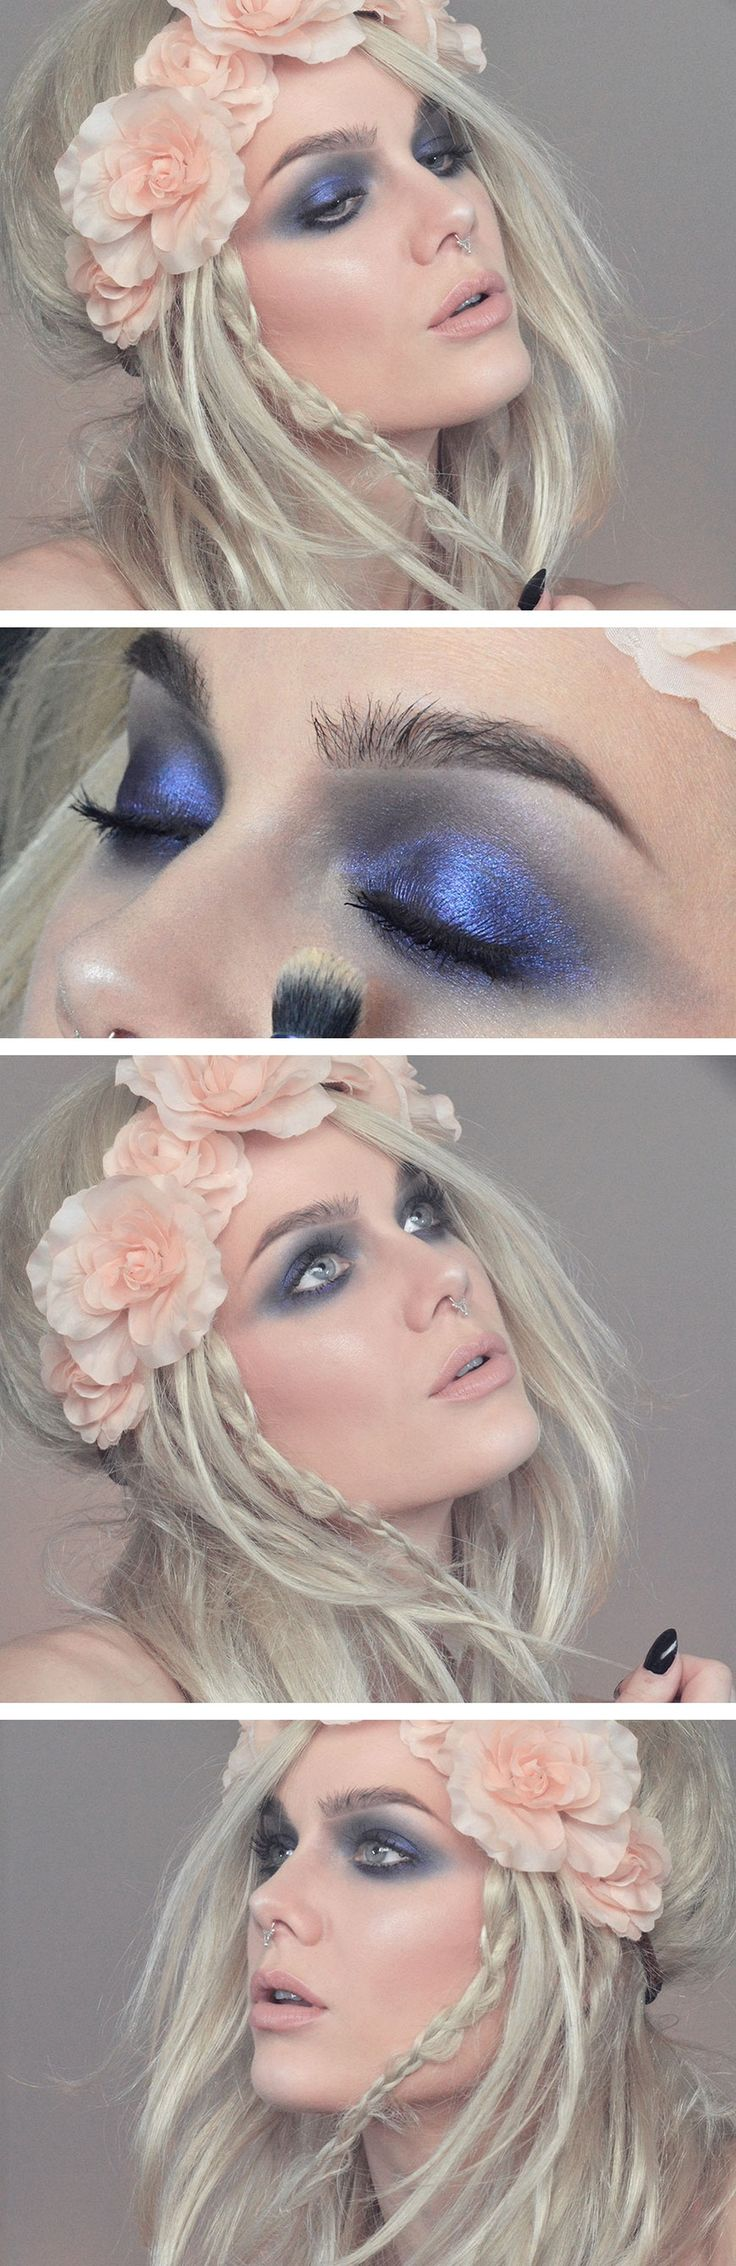 Fabulous Blue Fairy Makeup: 70 Halloween Makeup Ideas https://femaline.com/2017/10/20/blue-fairy-makeup-70-halloween-makeup-ideas/